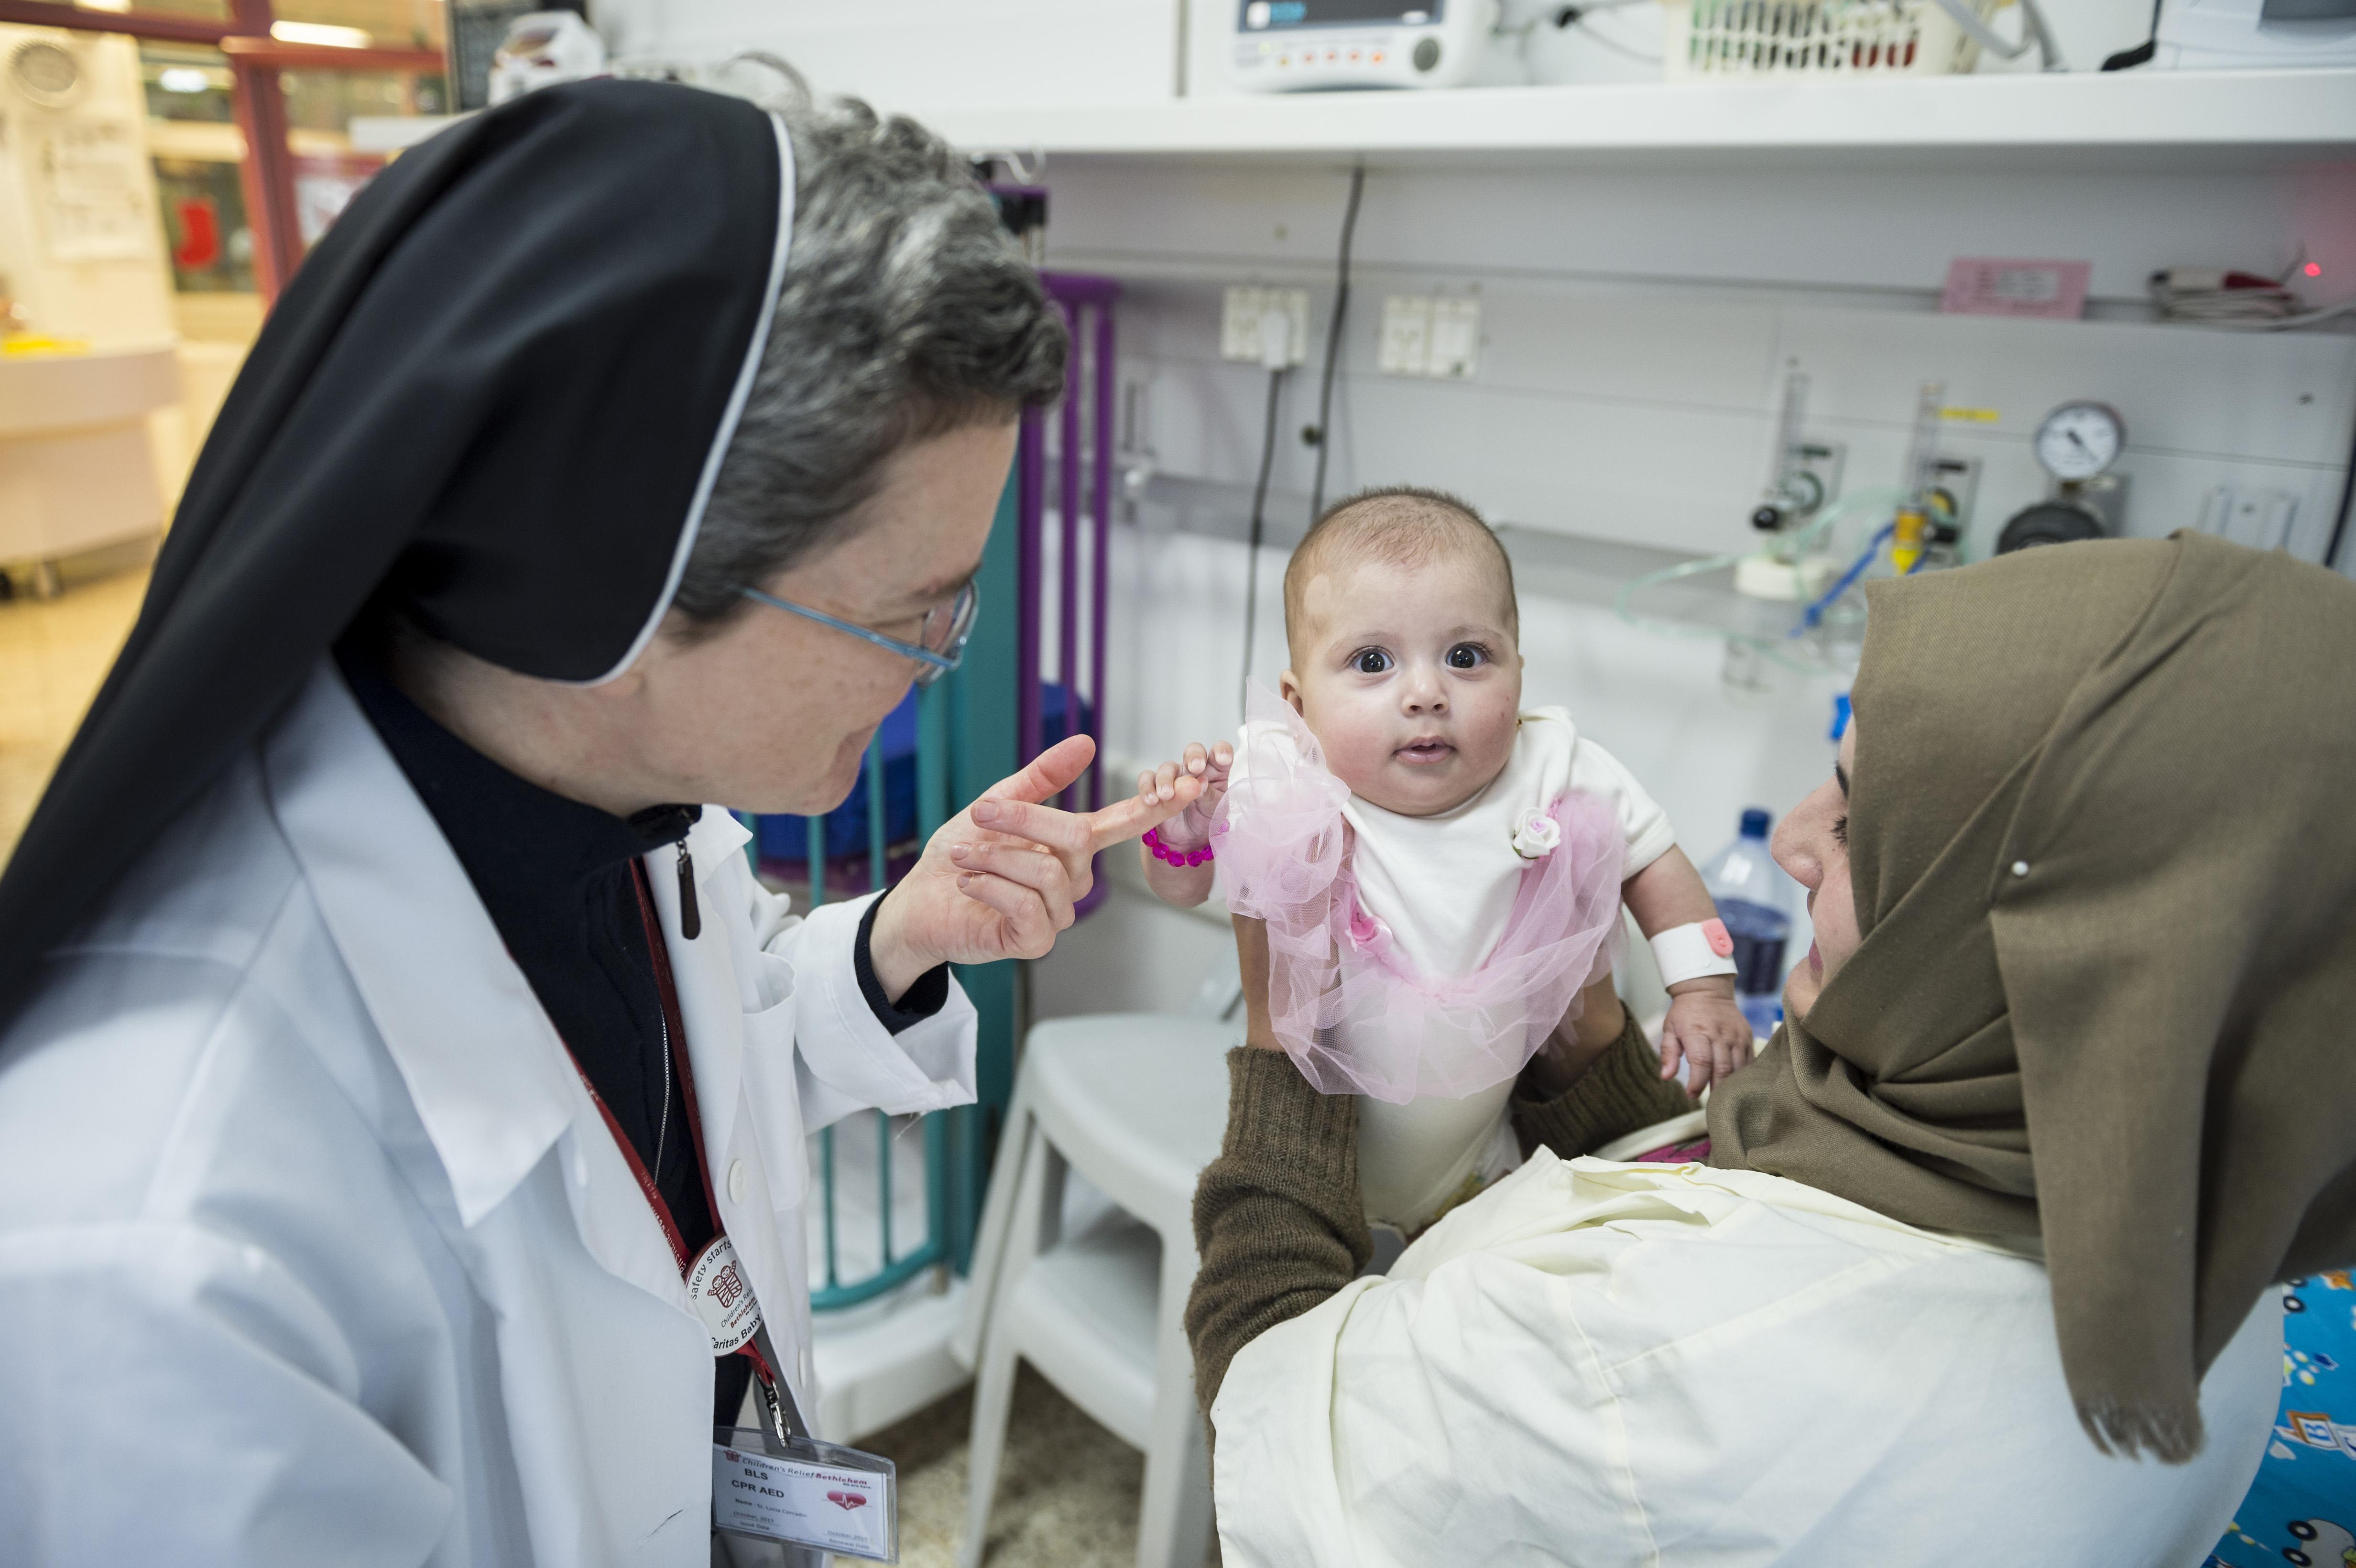 una bambina di pochi mesi sorride assieme alla mamma e a una suora